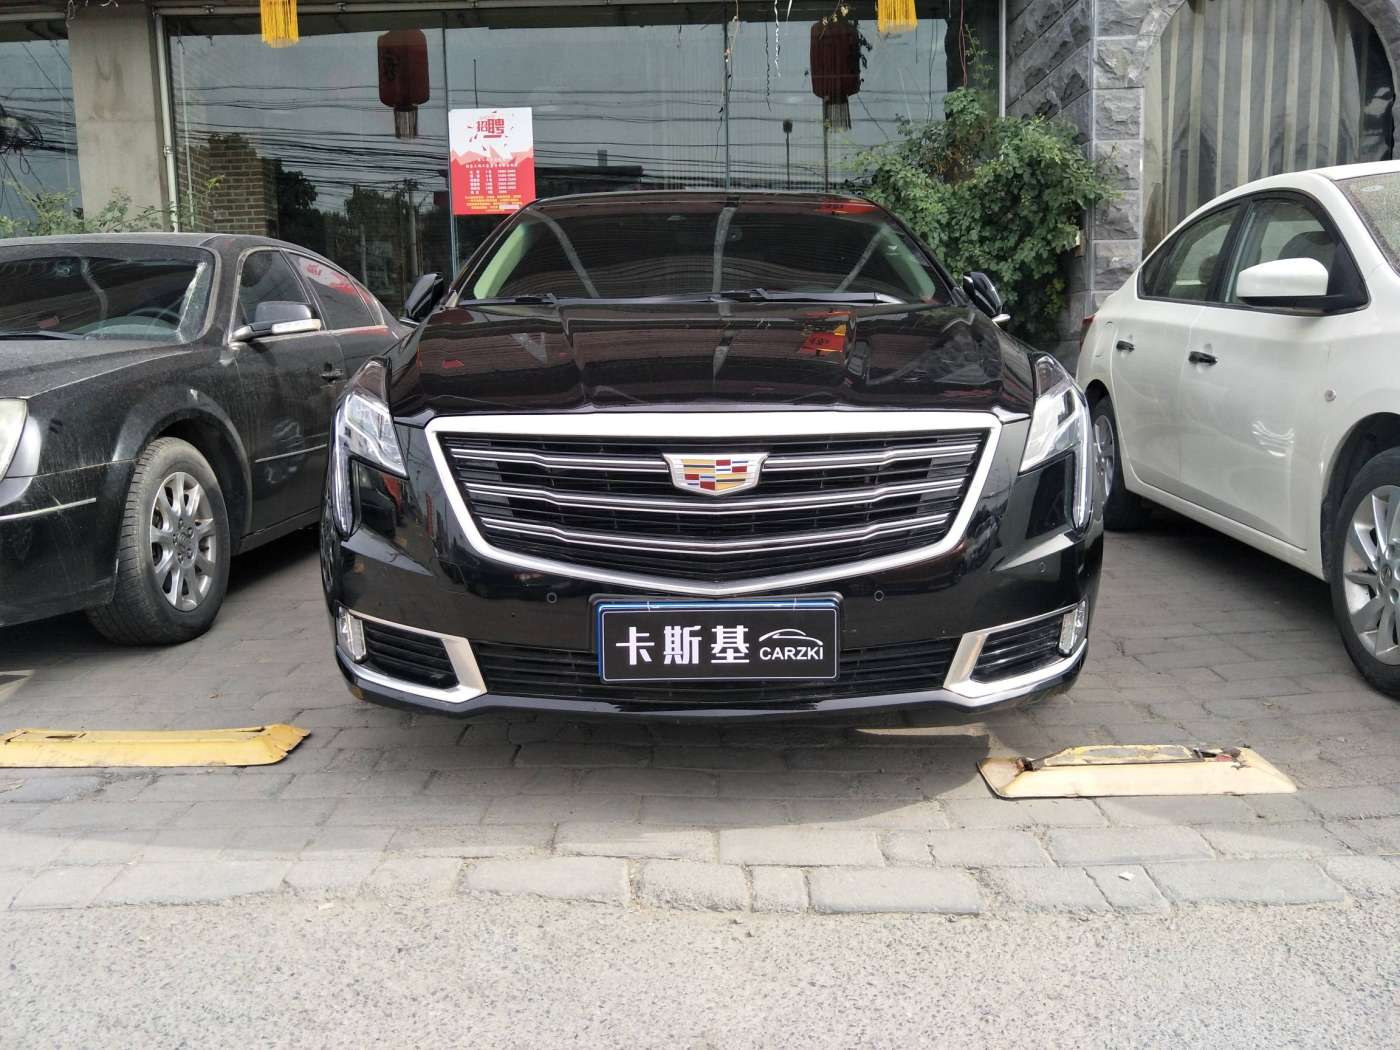 2017年11月 2018款 凯迪拉克XTS 28T 豪华型|甄选凯迪拉克-北京卡斯基汽车服务重庆彩票